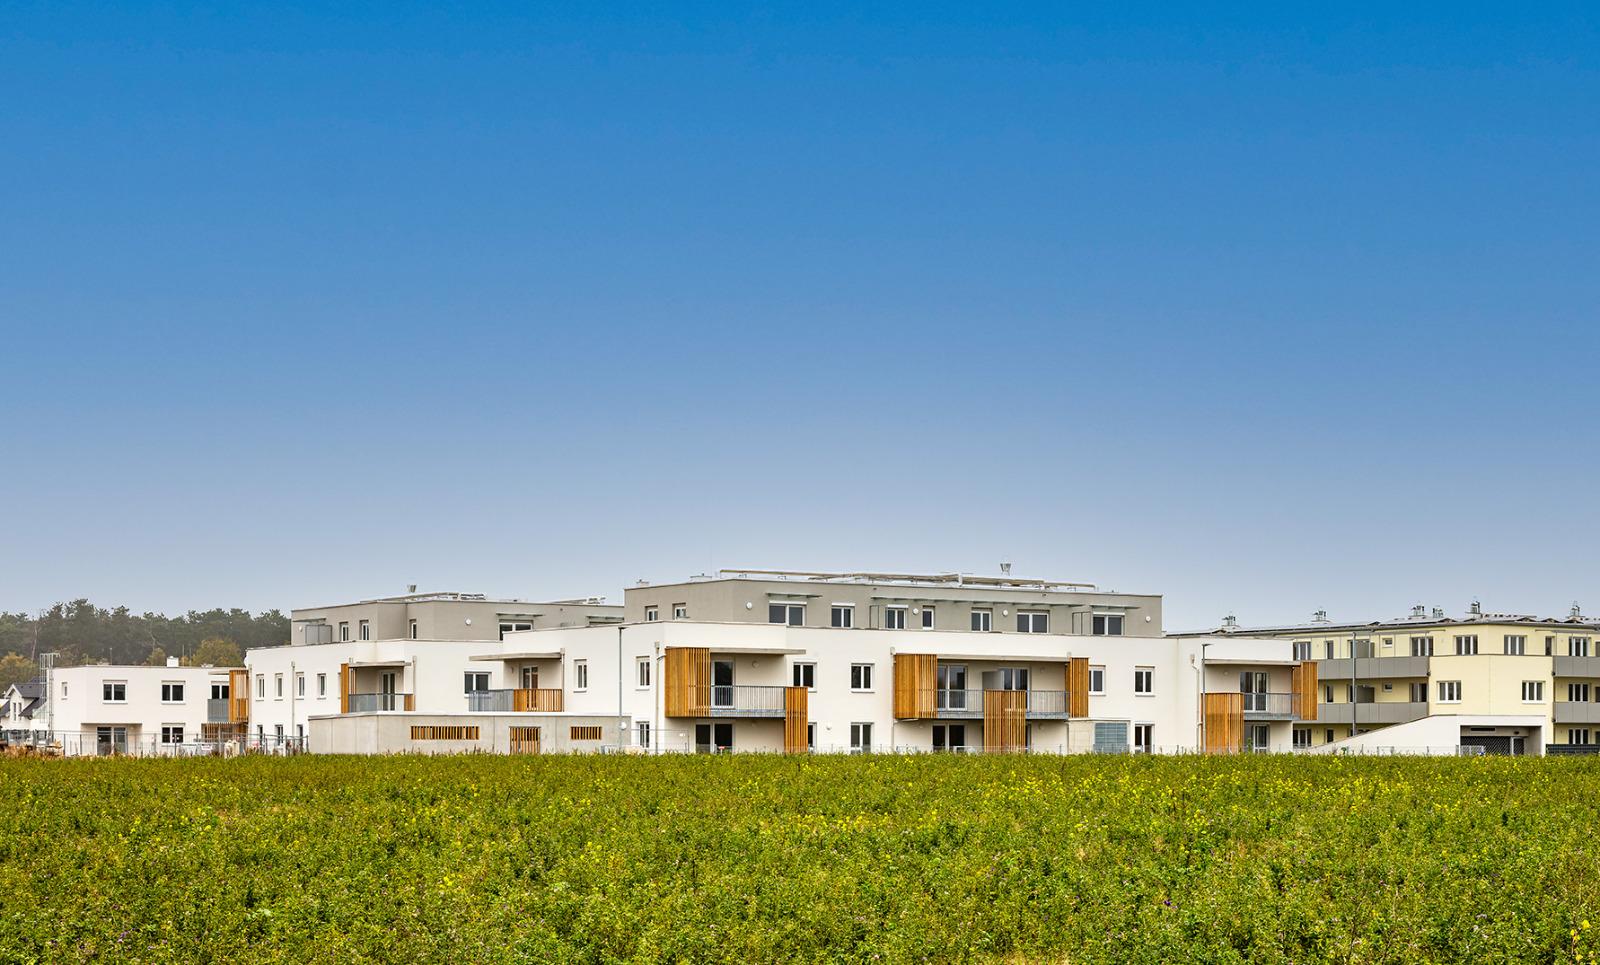 wohnhausanlage_strasshof lll_bauunternehmen_schubrig_krems